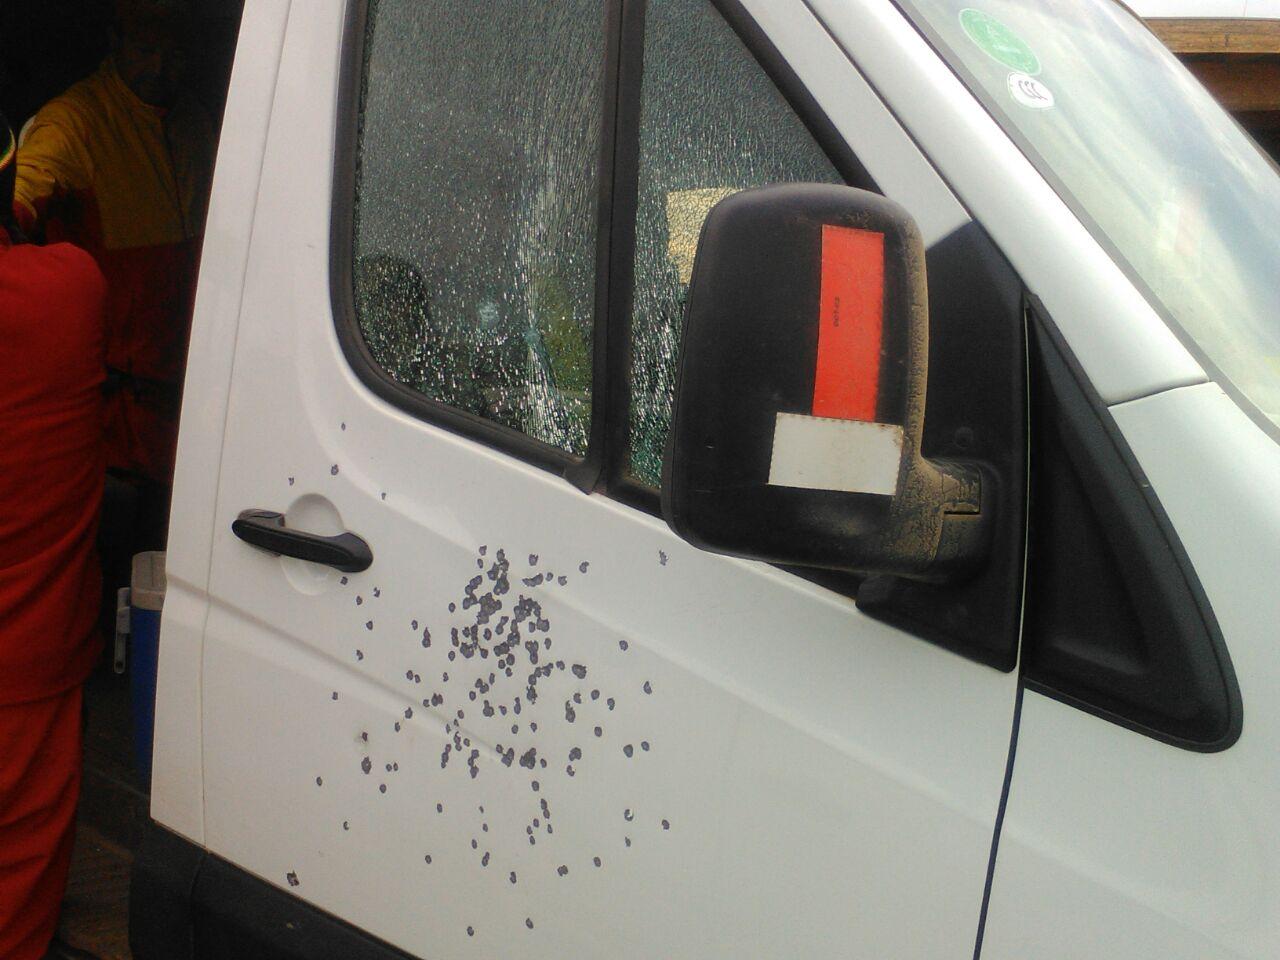 Furgón atacado a tiros